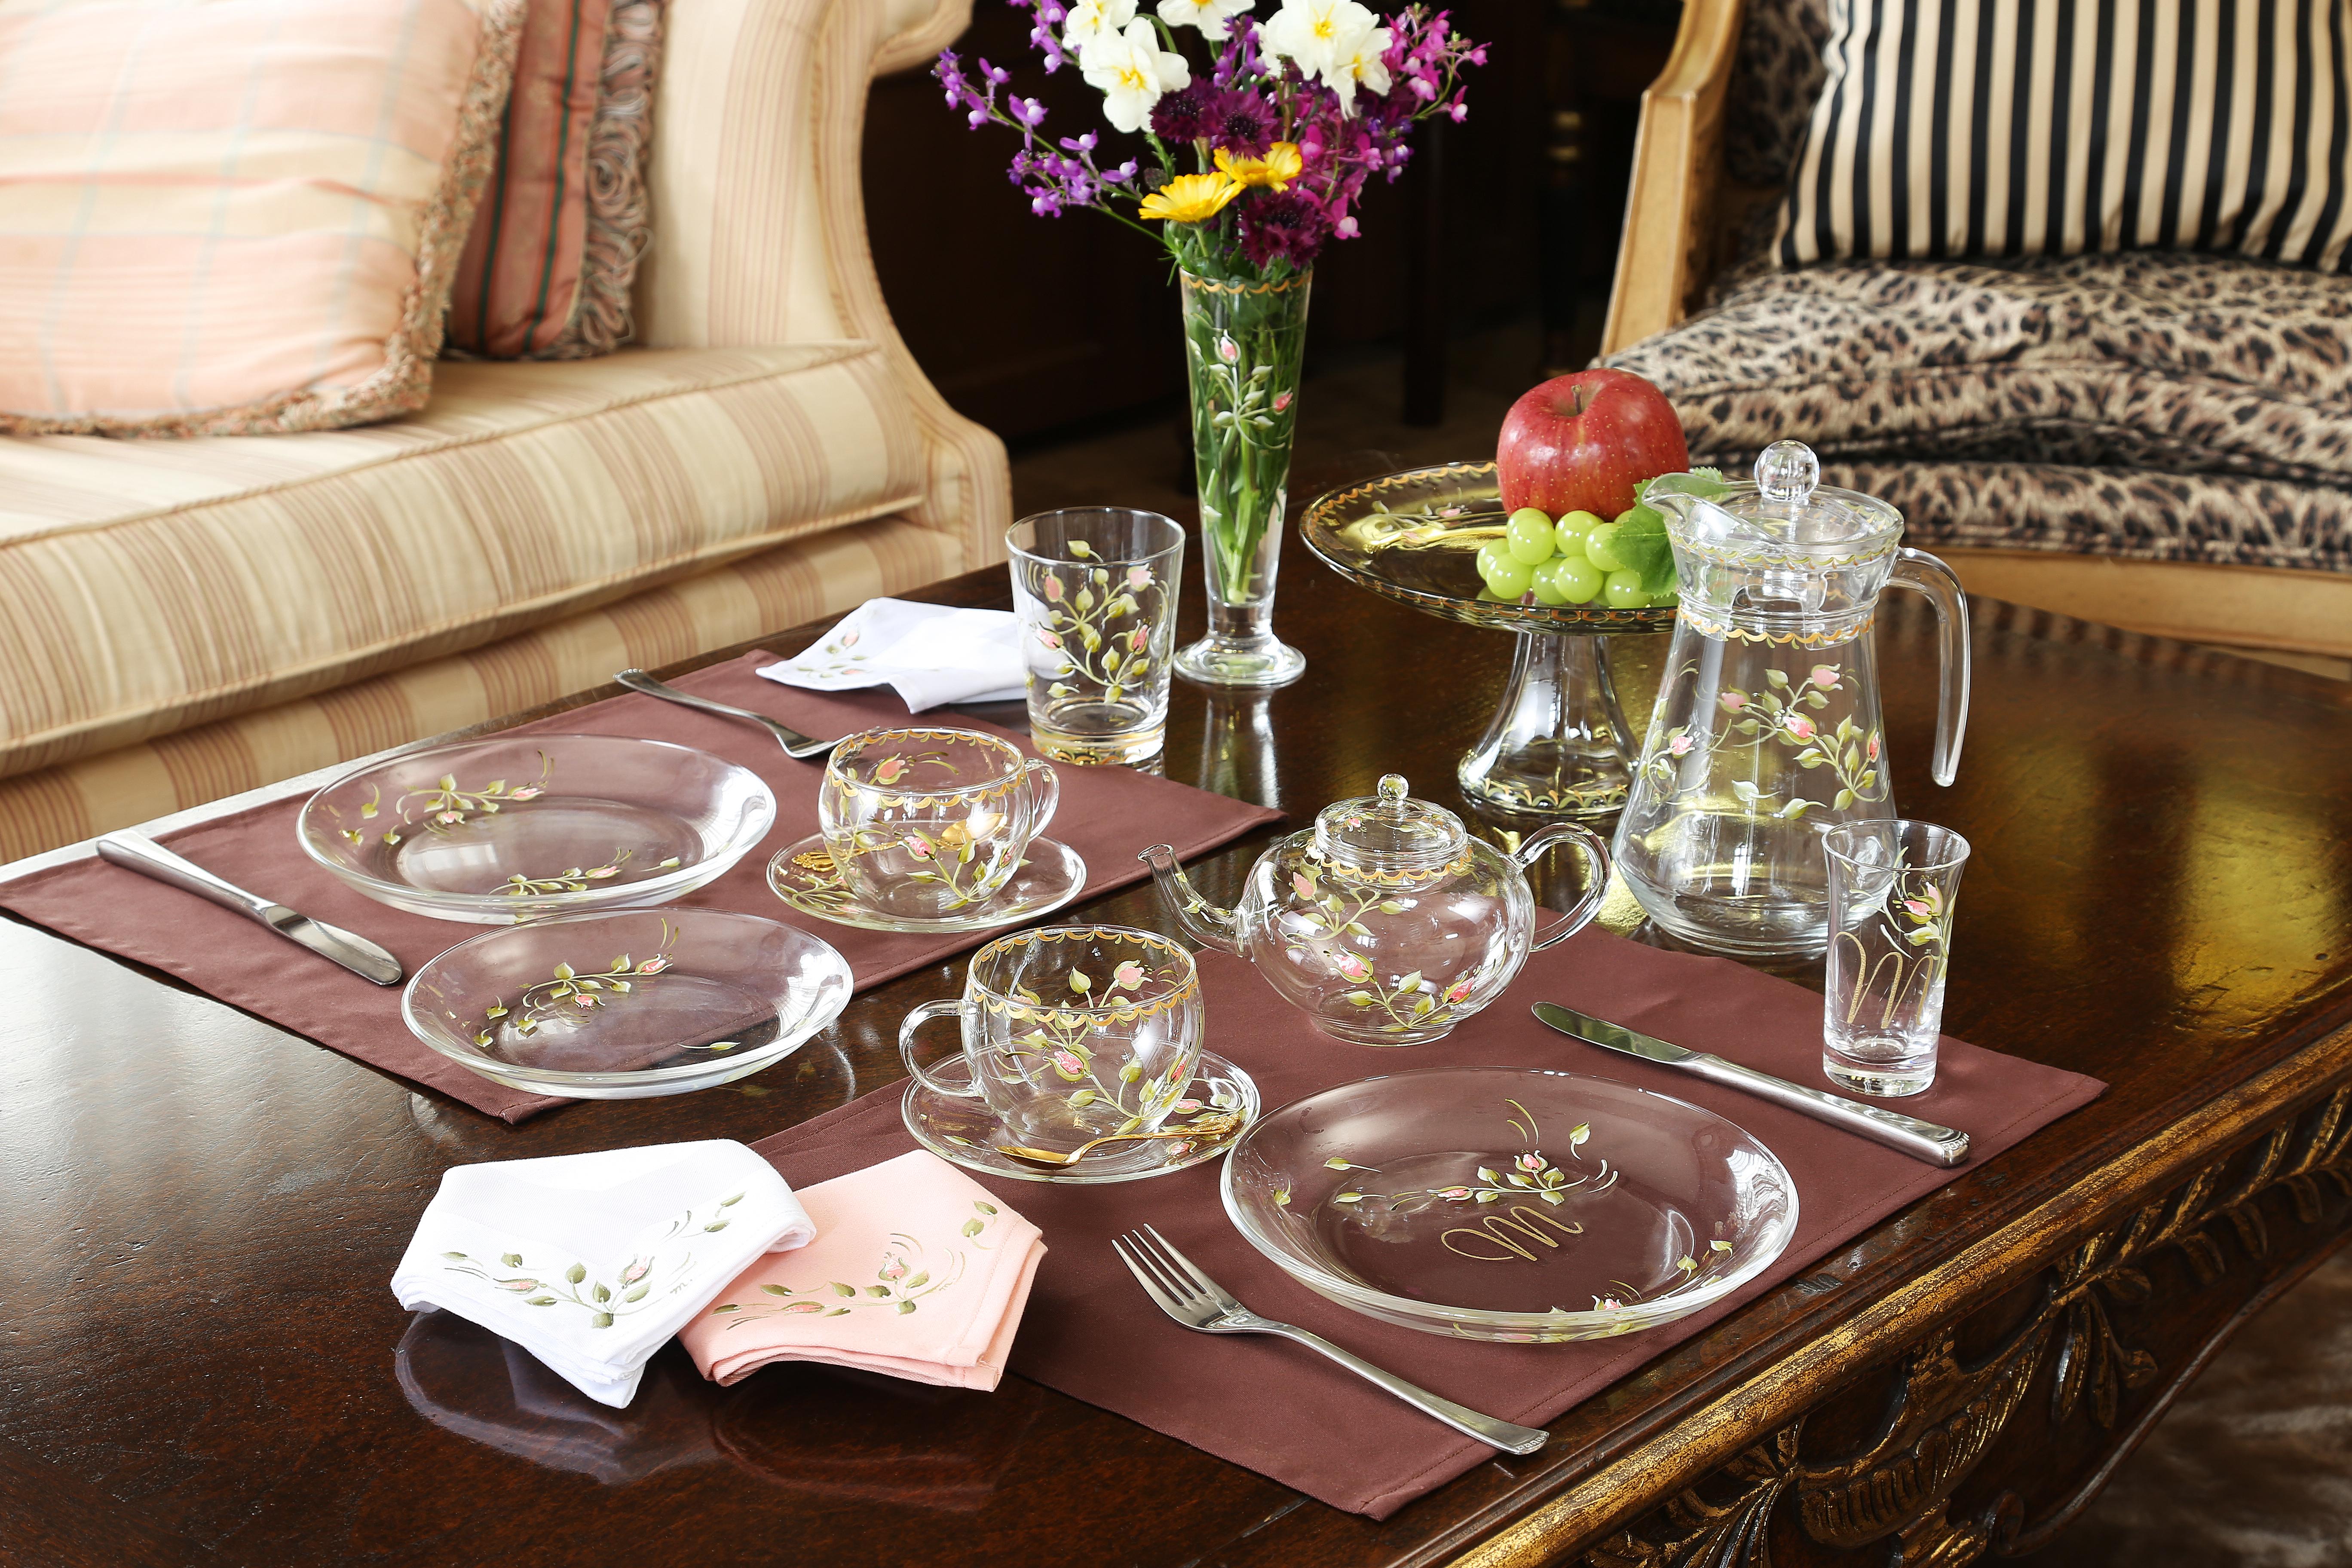 ハンドペイント,バラのつぼみ柄のデーブルウェア